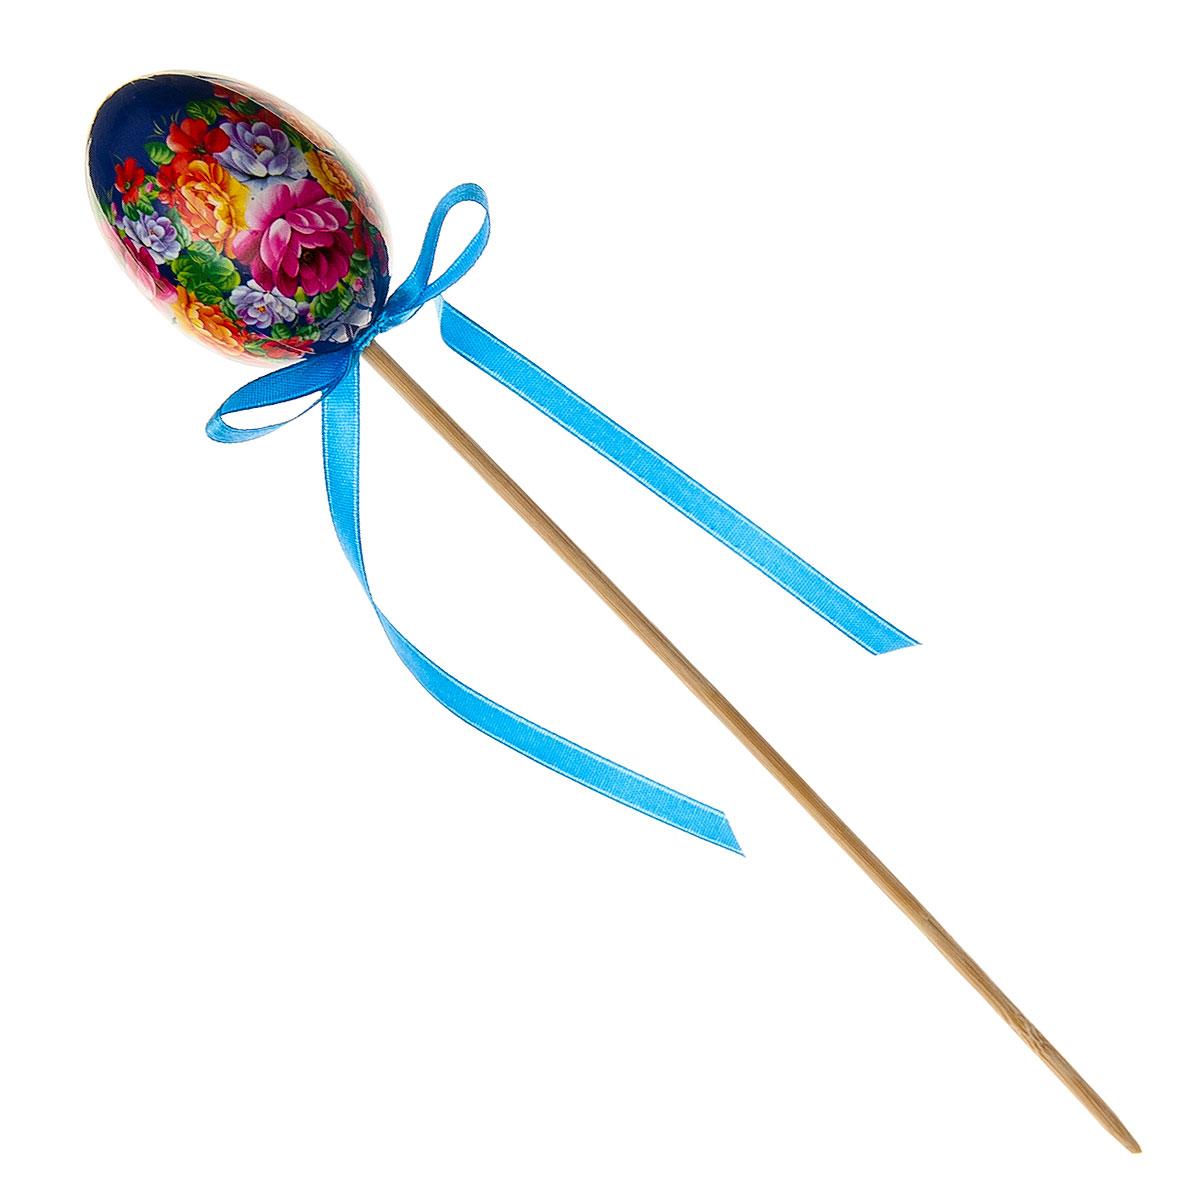 Декоративное украшение на ножке Home Queen Народное искусство, цвет: синий, высота 26 смNLED-454-9W-BKДекоративное украшение Home Queen Народное искусство выполнено из пластика в виде пасхального яйца на деревянной ножке, декорированного цветочным орнаментом. Изделие украшено текстильной лентой. Такое украшение прекрасно дополнит подарок для друзей или близких. Высота: 26 см. Размер яйца: 6 см х 4,5 см.